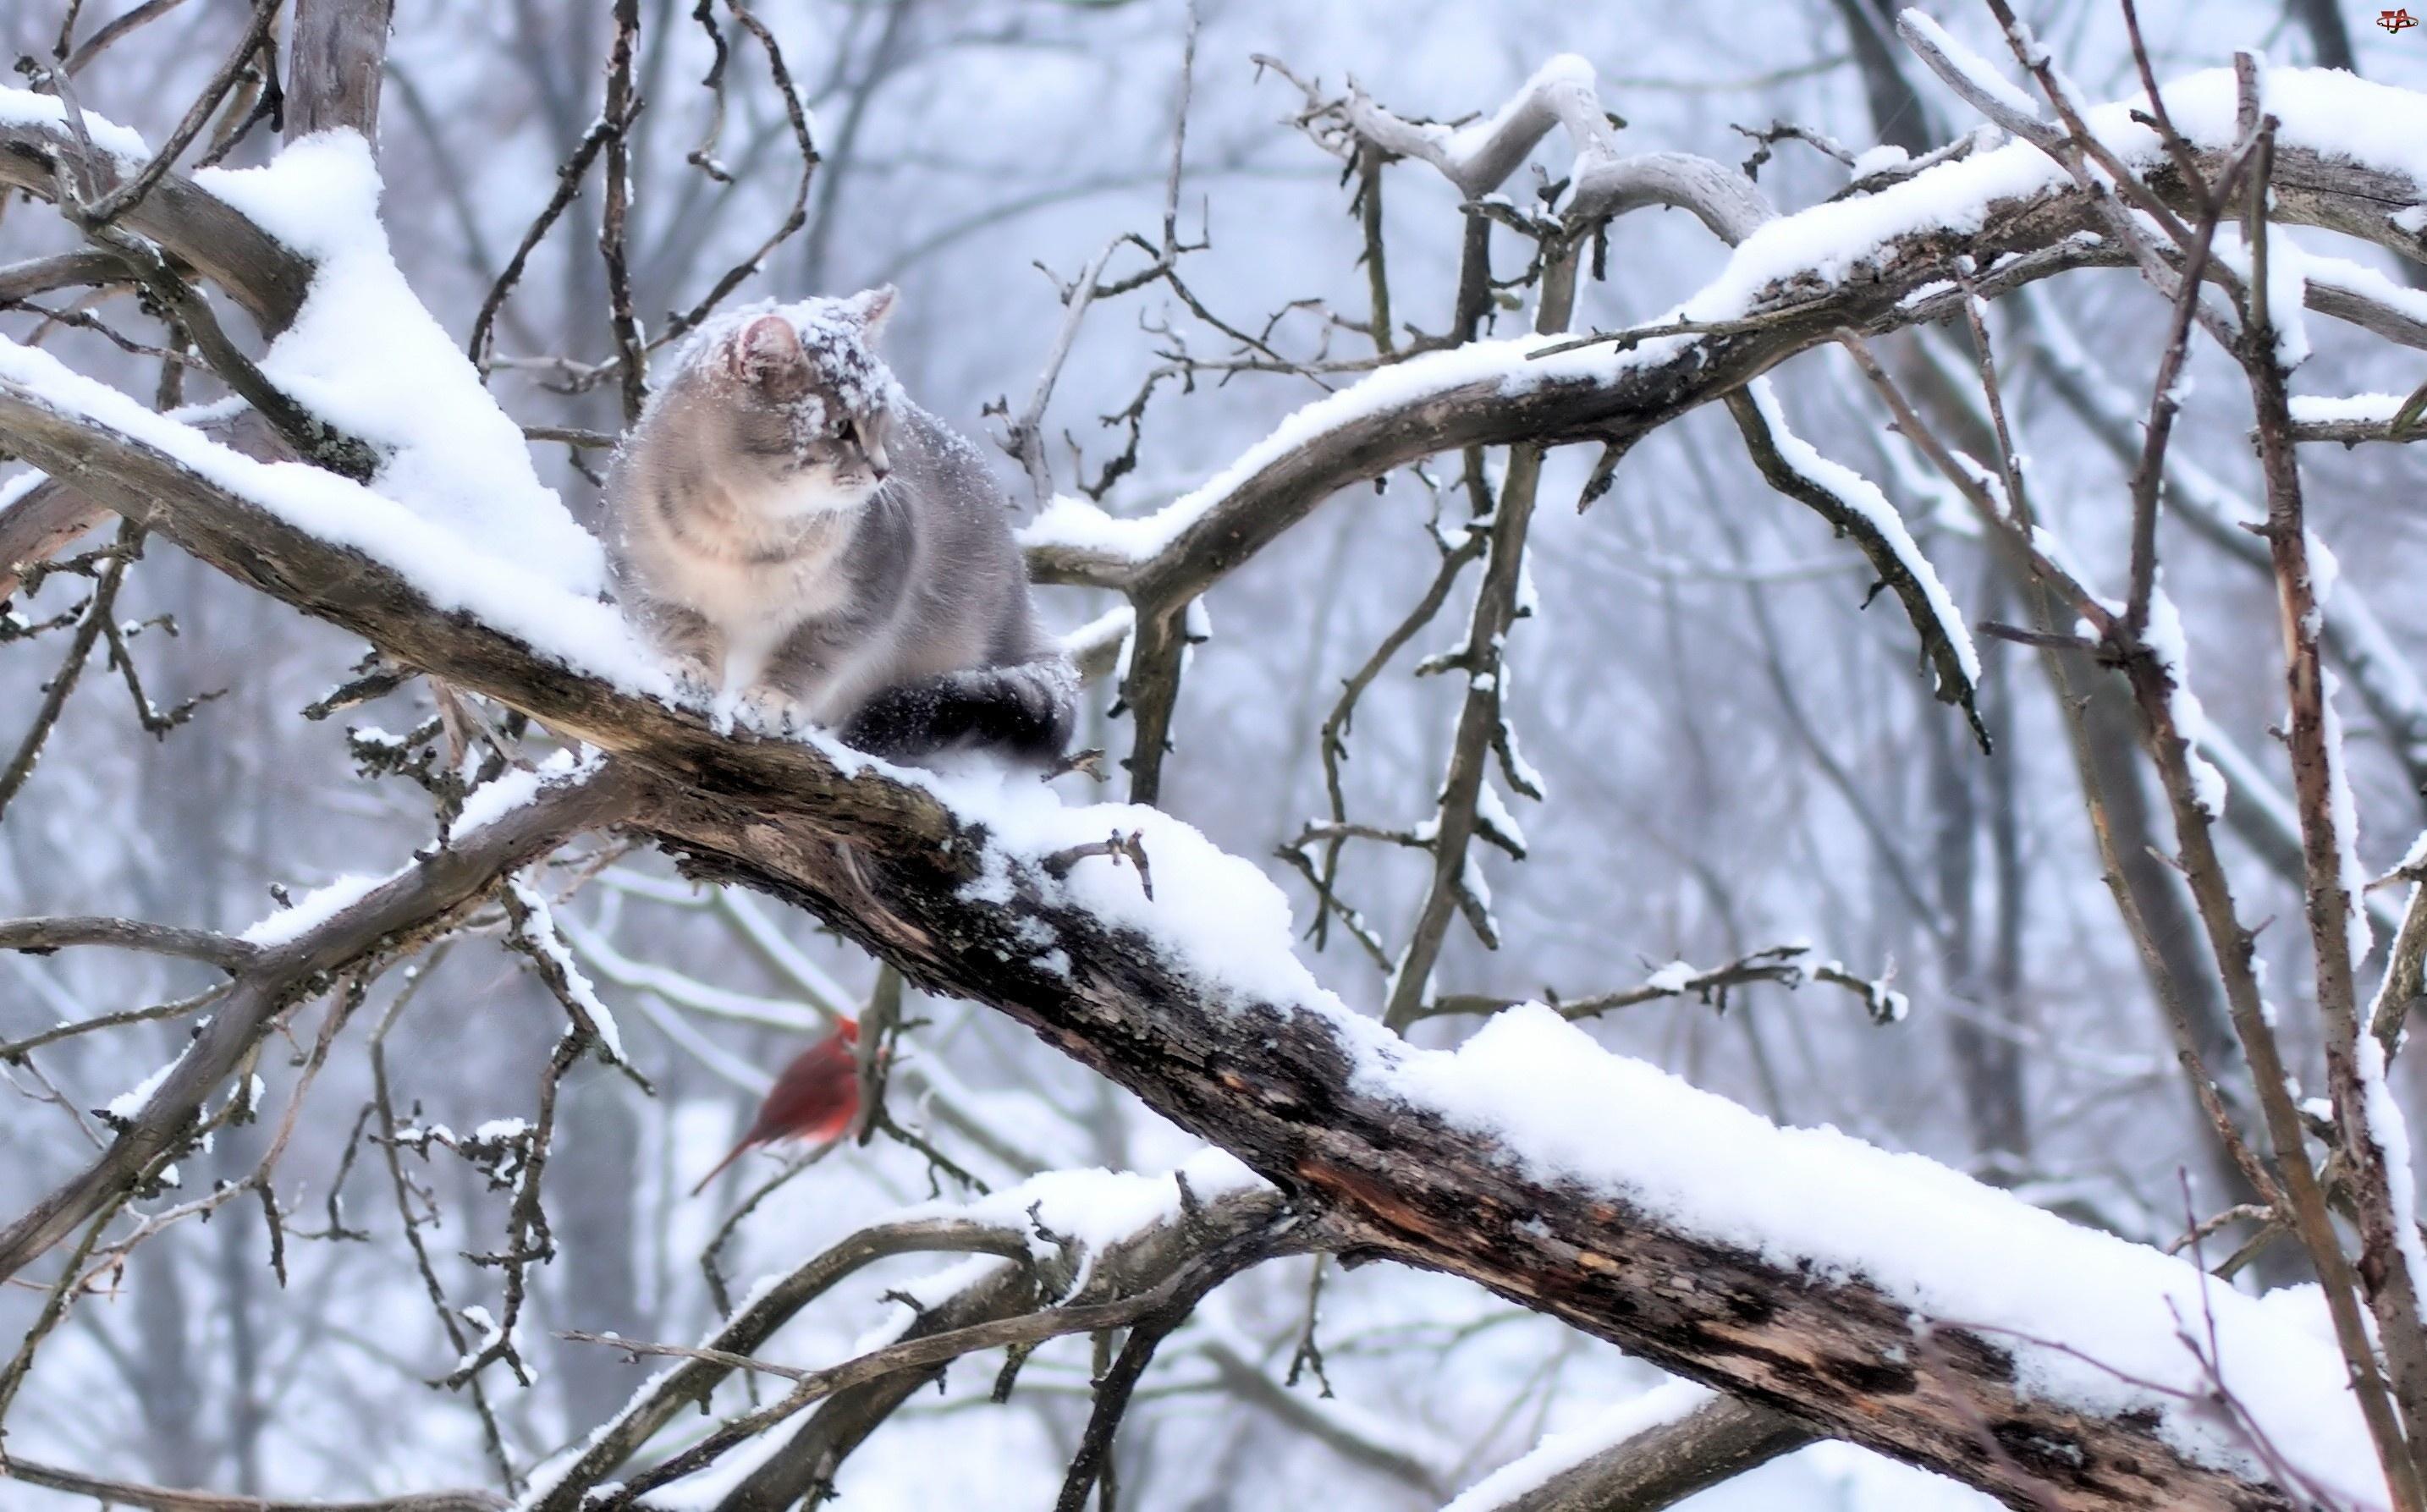 Ptaszek, Zima, Gałęzie, Ośnieżone, Kot